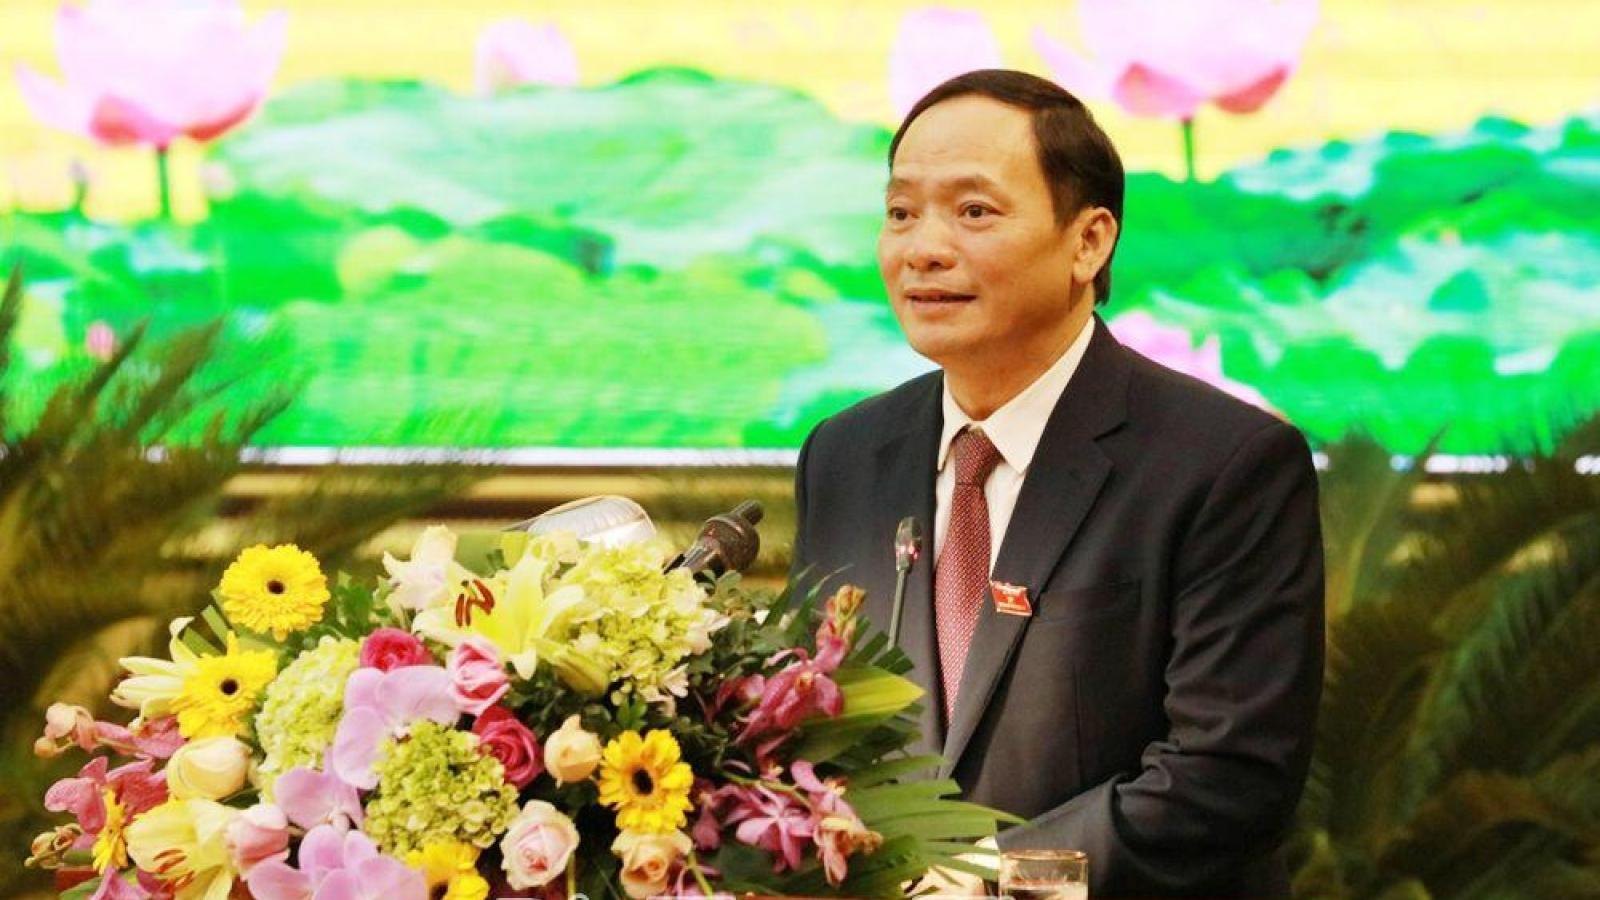 Ông Trần Quốc Văn được bầu làm Chủ tịch UBND tỉnhHưng Yên